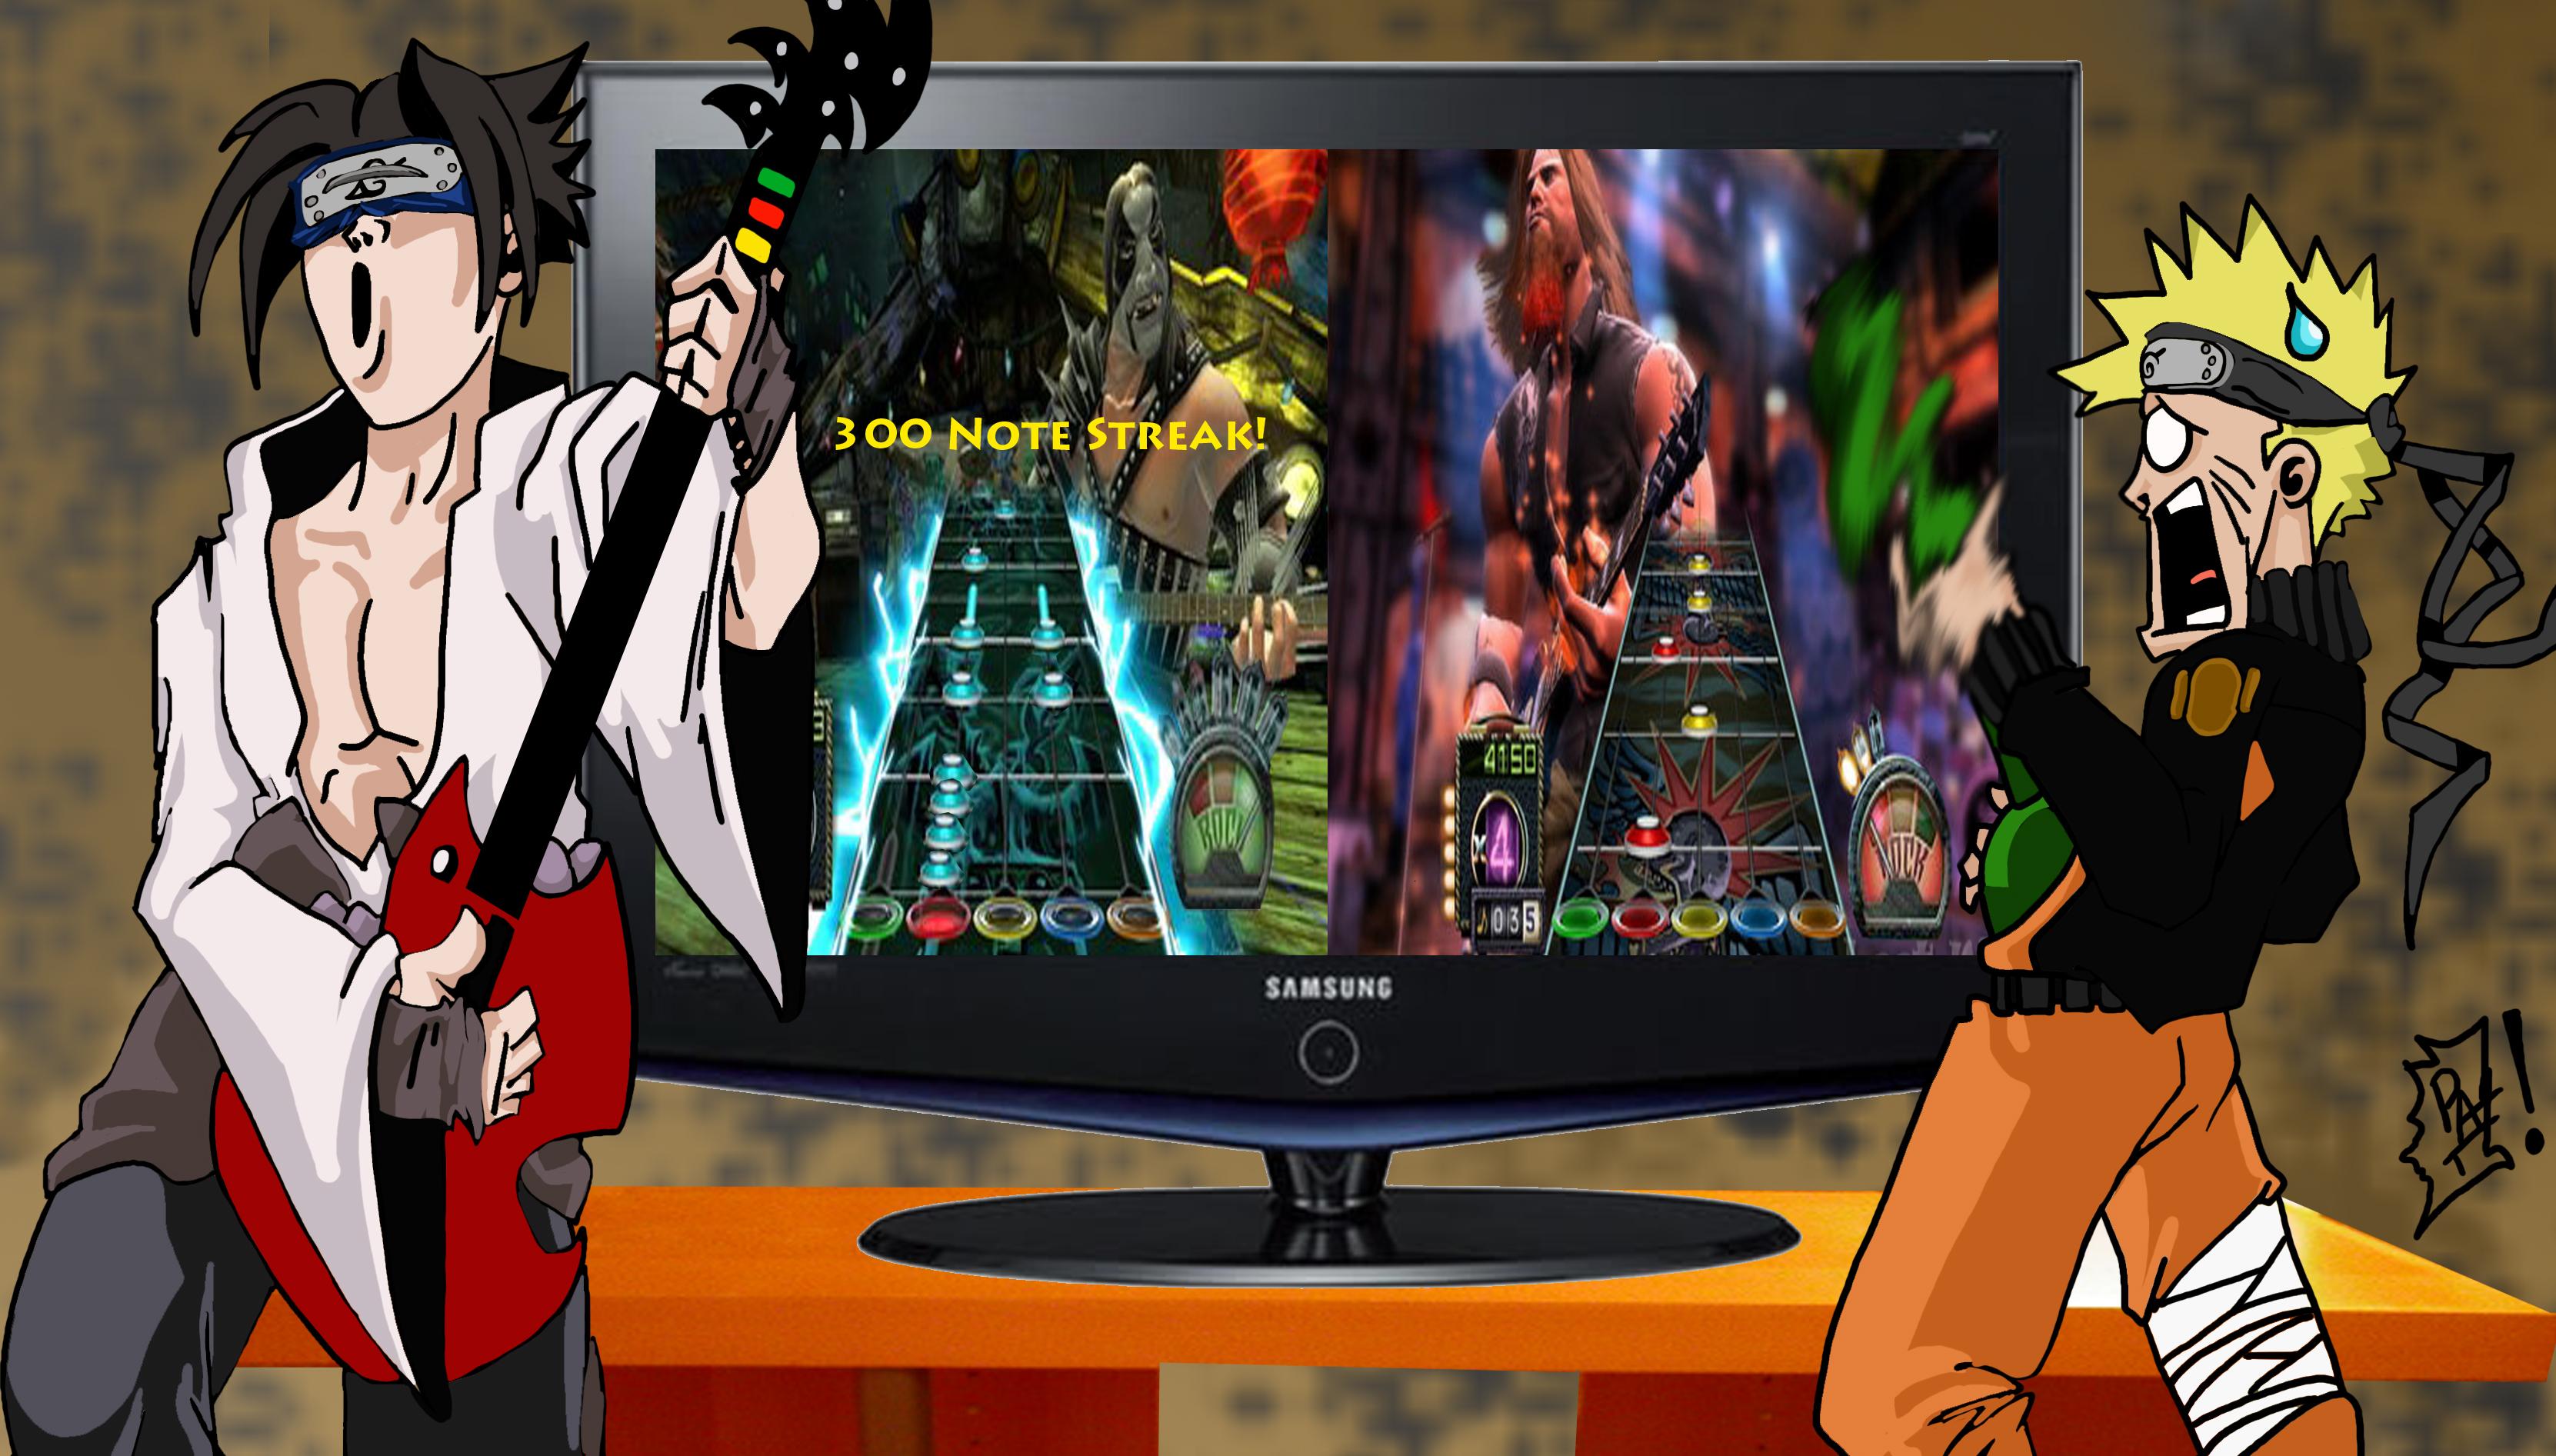 Naruto guitar hero